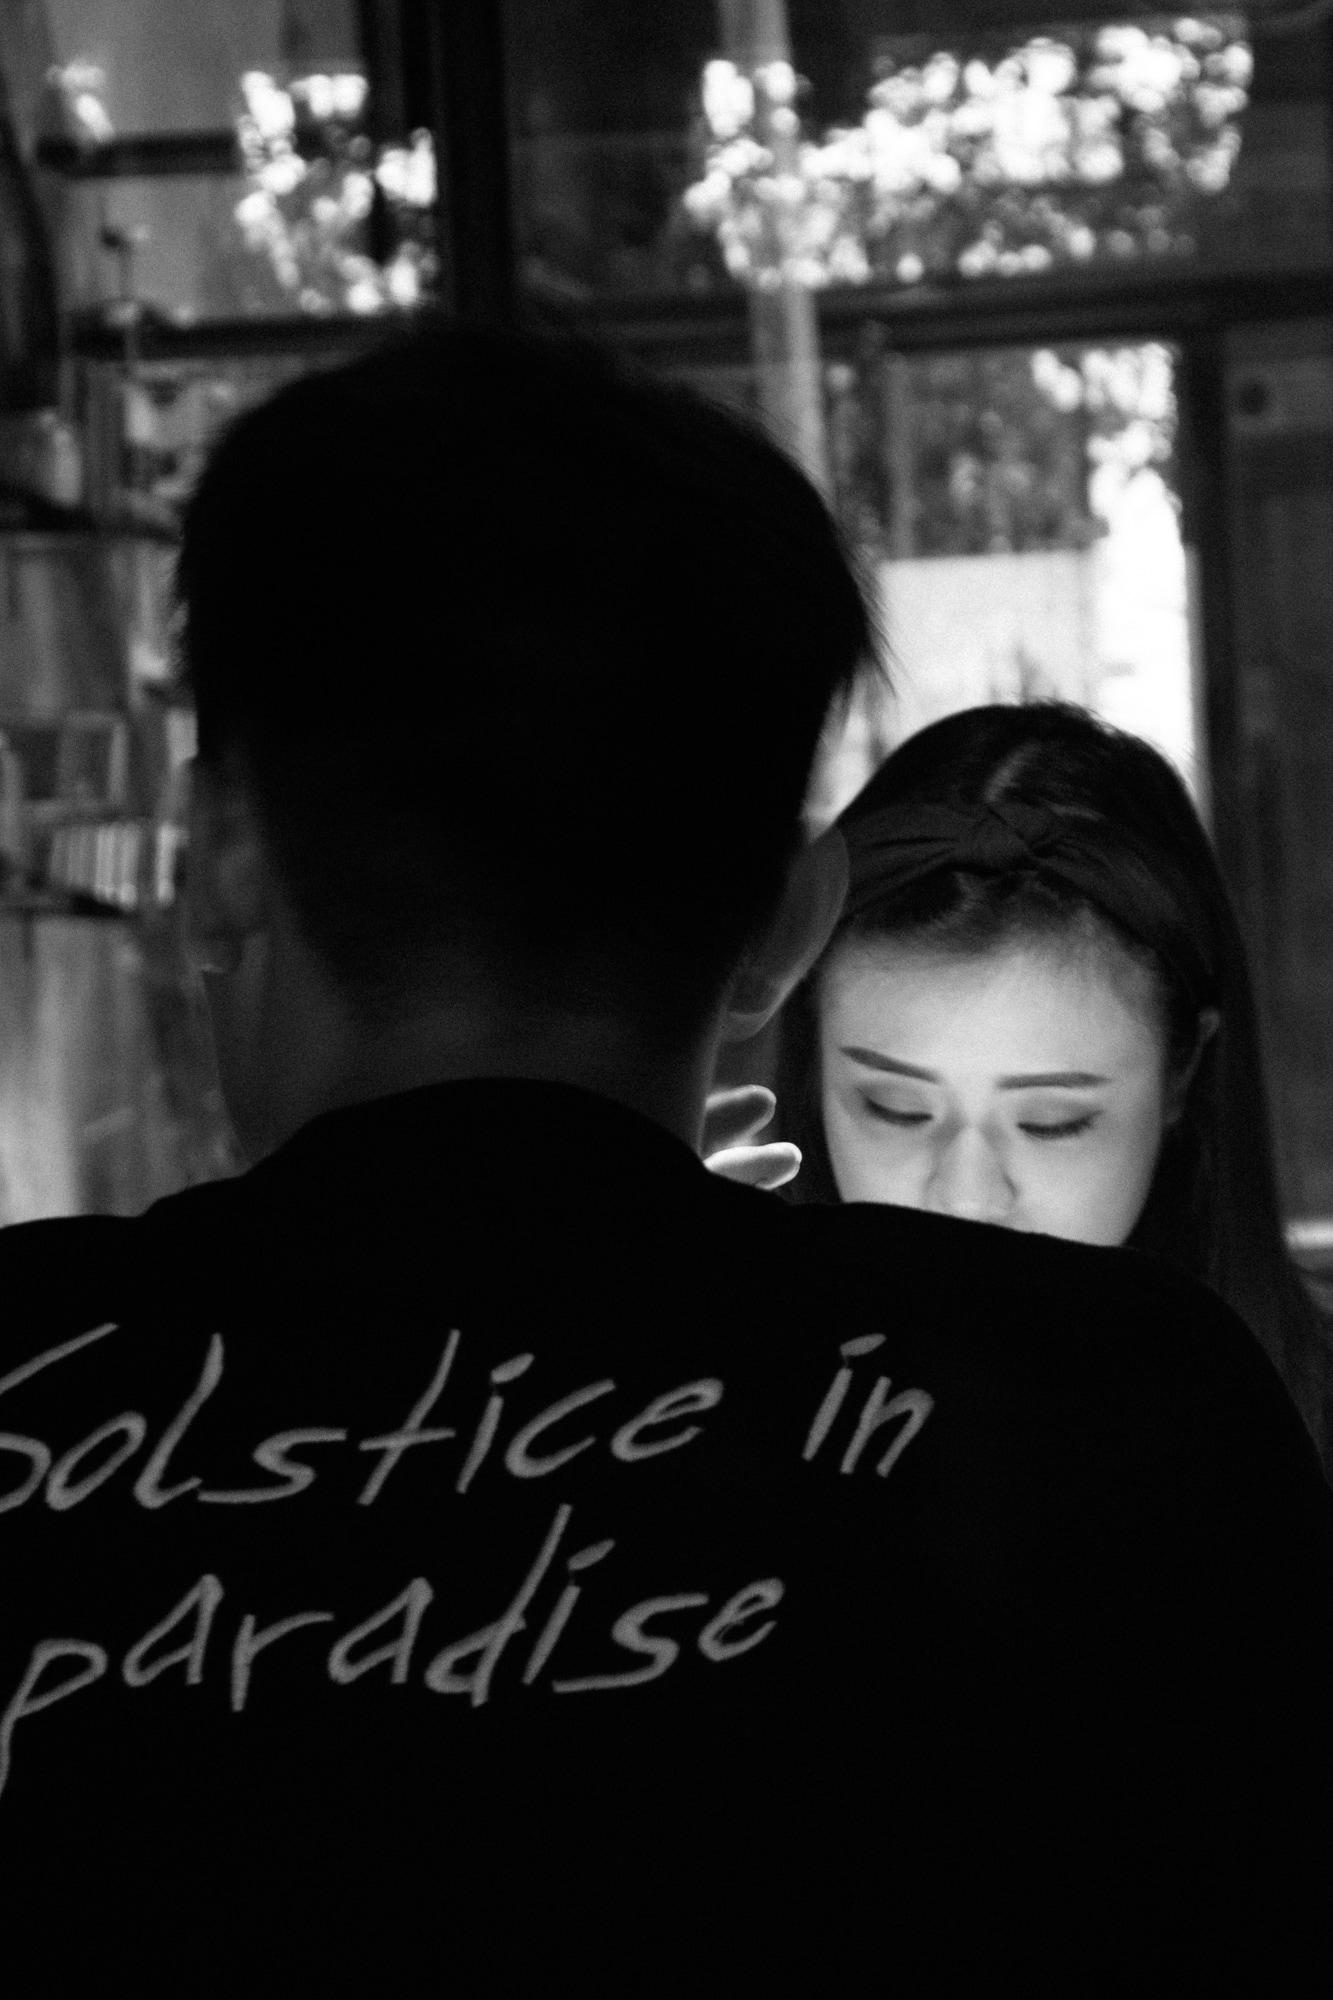 Solstice in paradise - II